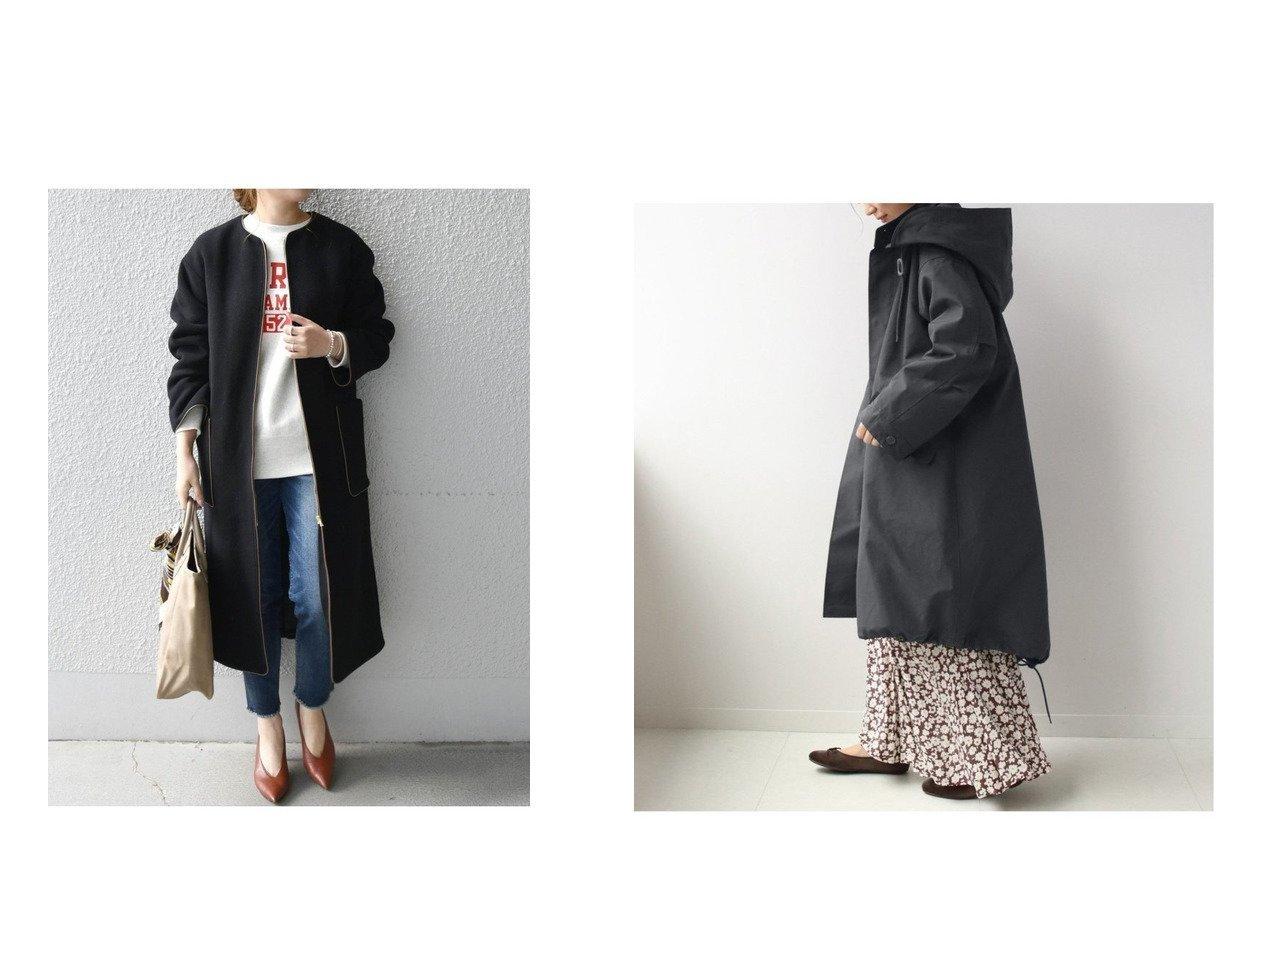 【SHIPS any/シップス エニィ】のSHIPS any: ノーカラー パイピング ロングコート(ブラック)&【JOURNAL STANDARD relume/ジャーナルスタンダード レリューム】のモッズコート アウターのおすすめ!人気、レディースファッションの通販 おすすめで人気のファッション通販商品 インテリア・家具・キッズファッション・メンズファッション・レディースファッション・服の通販 founy(ファニー) https://founy.com/ ファッション Fashion レディース WOMEN アウター Coat Outerwear コート Coats ジャケット Jackets モッズ/フィールドコート Mods Field Coats ショルダー シンプル ジャケット ドロップ パイピング ロング 秋冬 A/W Autumn/ Winter キルティング ミリタリー モッズコート ライナー  ID:crp329100000002870